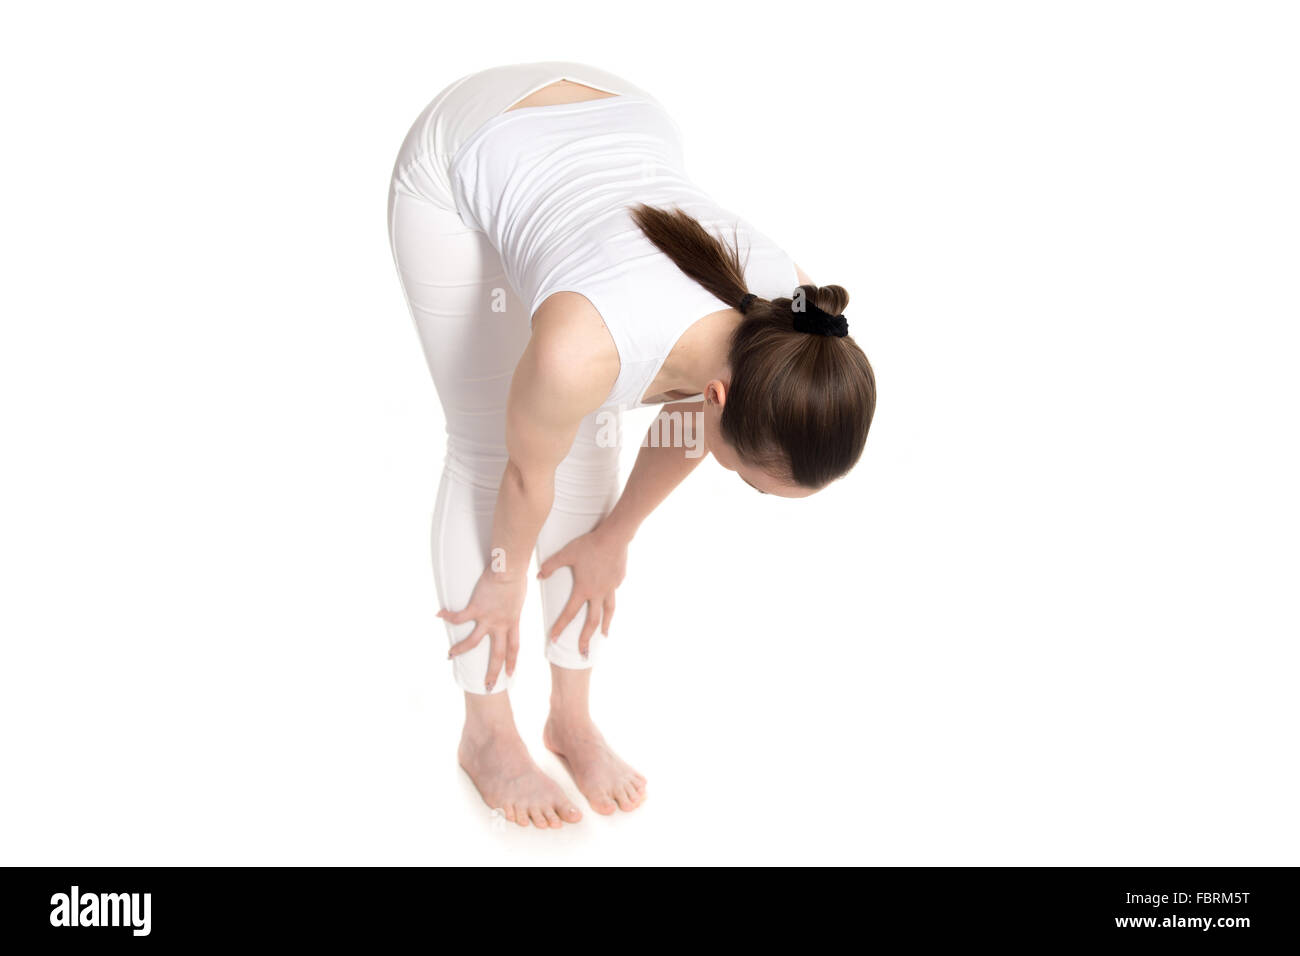 Belle jeune femme sportive en blanc sportswear faisant la moitié de l'avant l'exercice de flexion pour Photo Stock